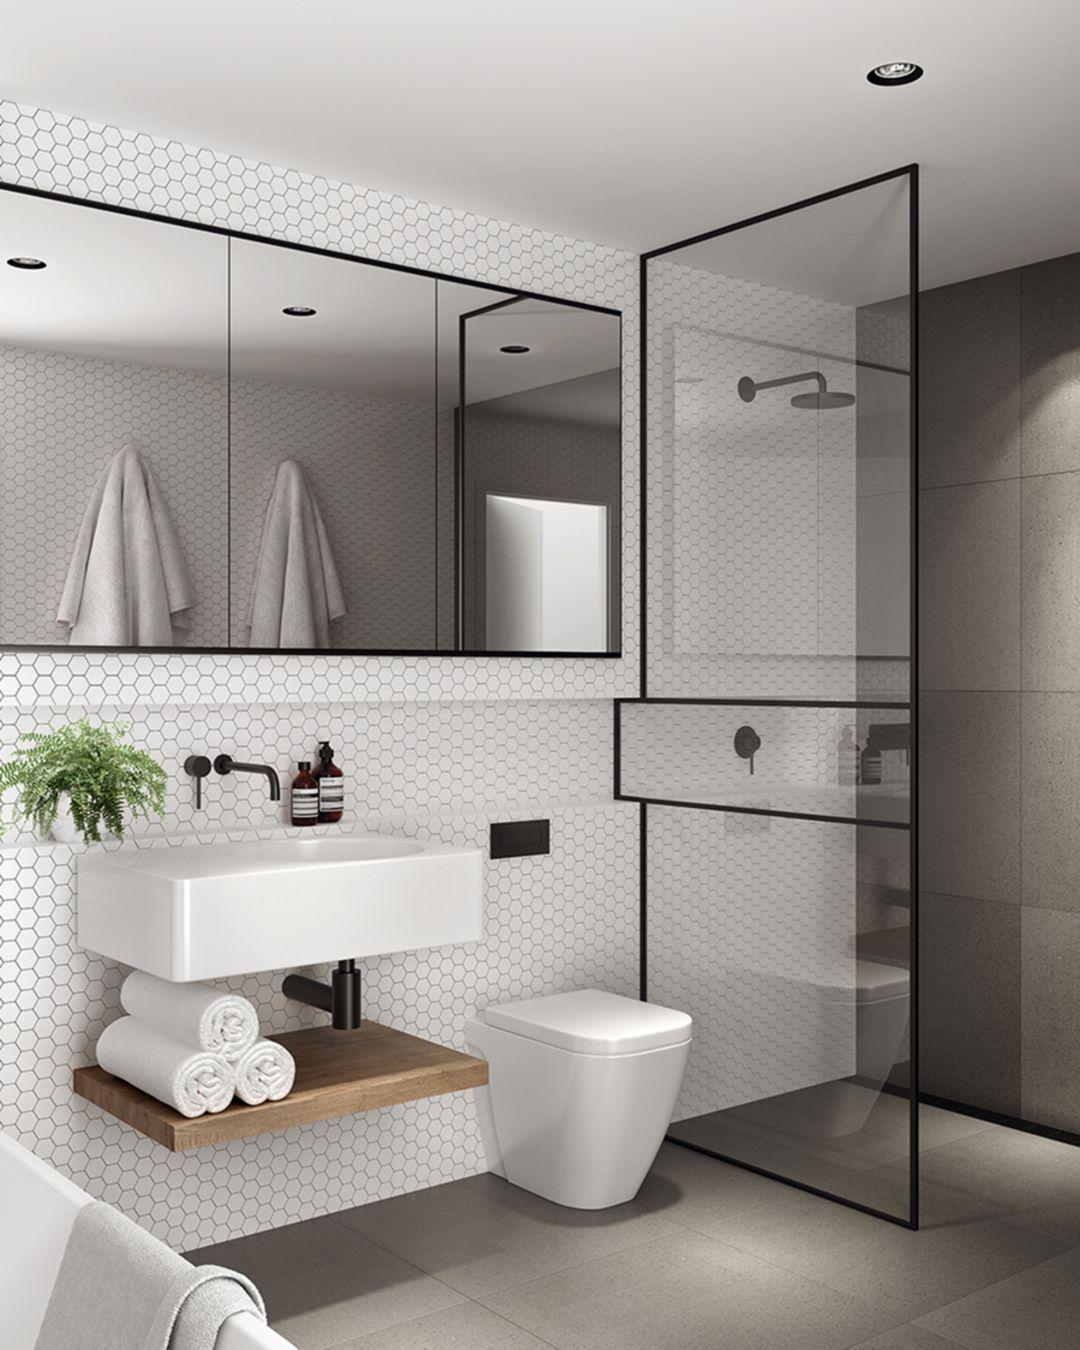 Interior Design Aesthetic: 17+ Perfect Aesthetic Minimalist